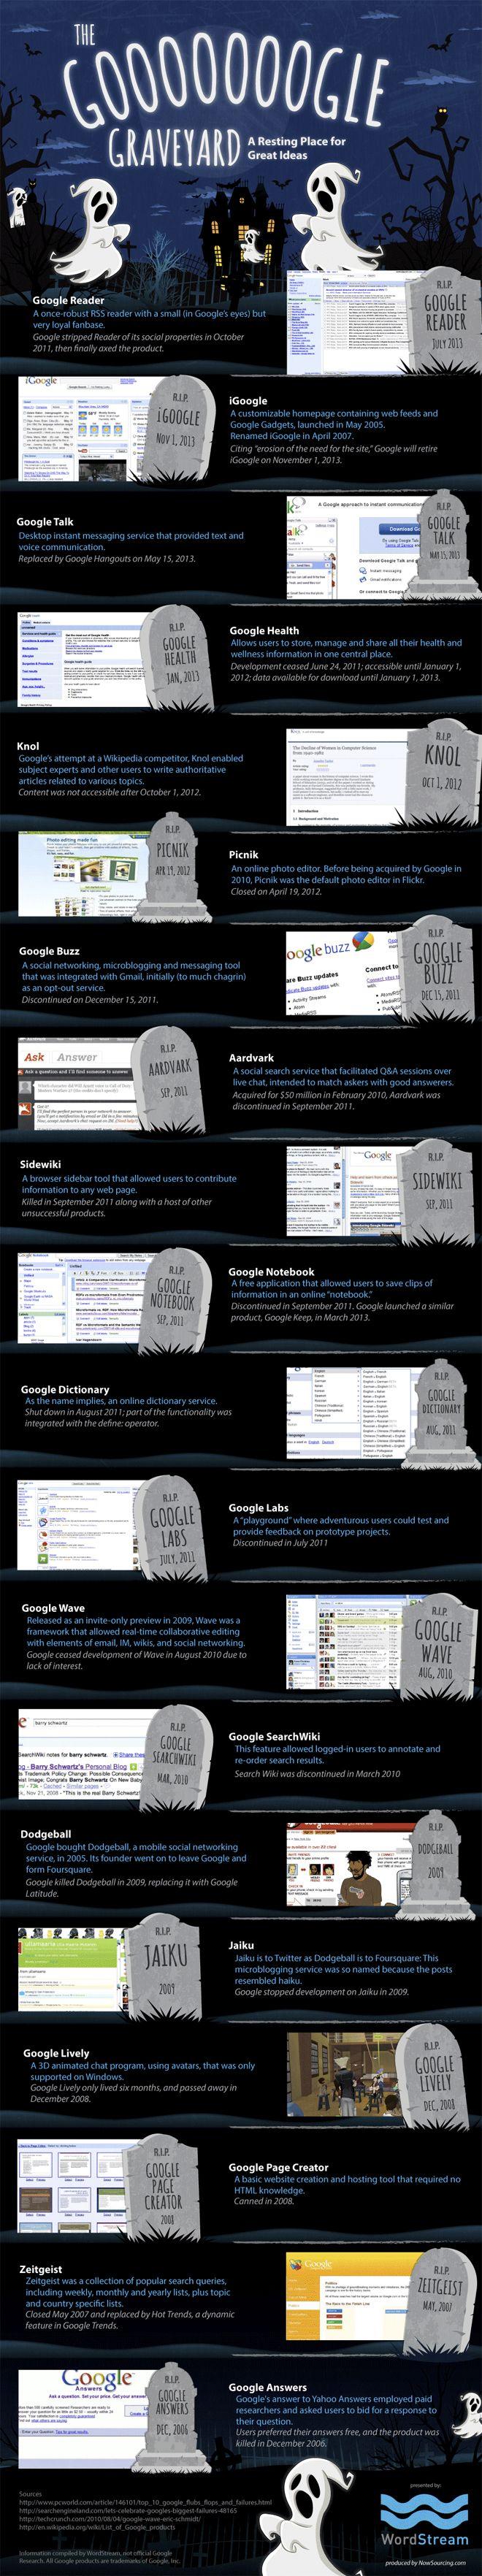 Infográfico mostra os produtos assassinados pelo Google